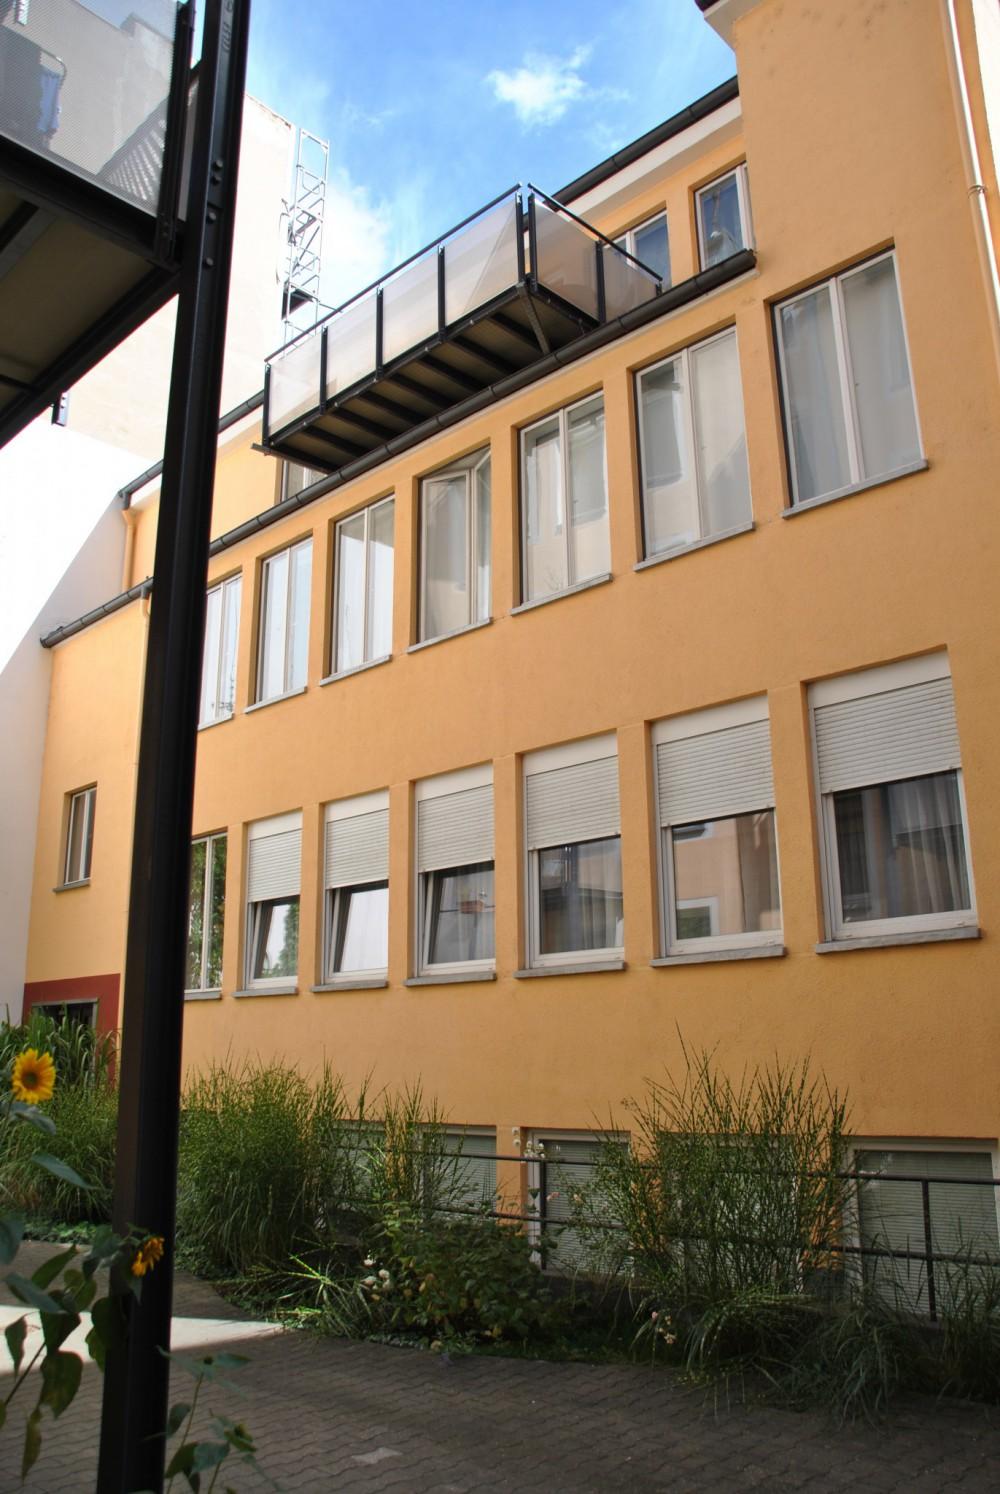 Neue Loft Wohnungen und Balkone  Architektin Antje Tschunt